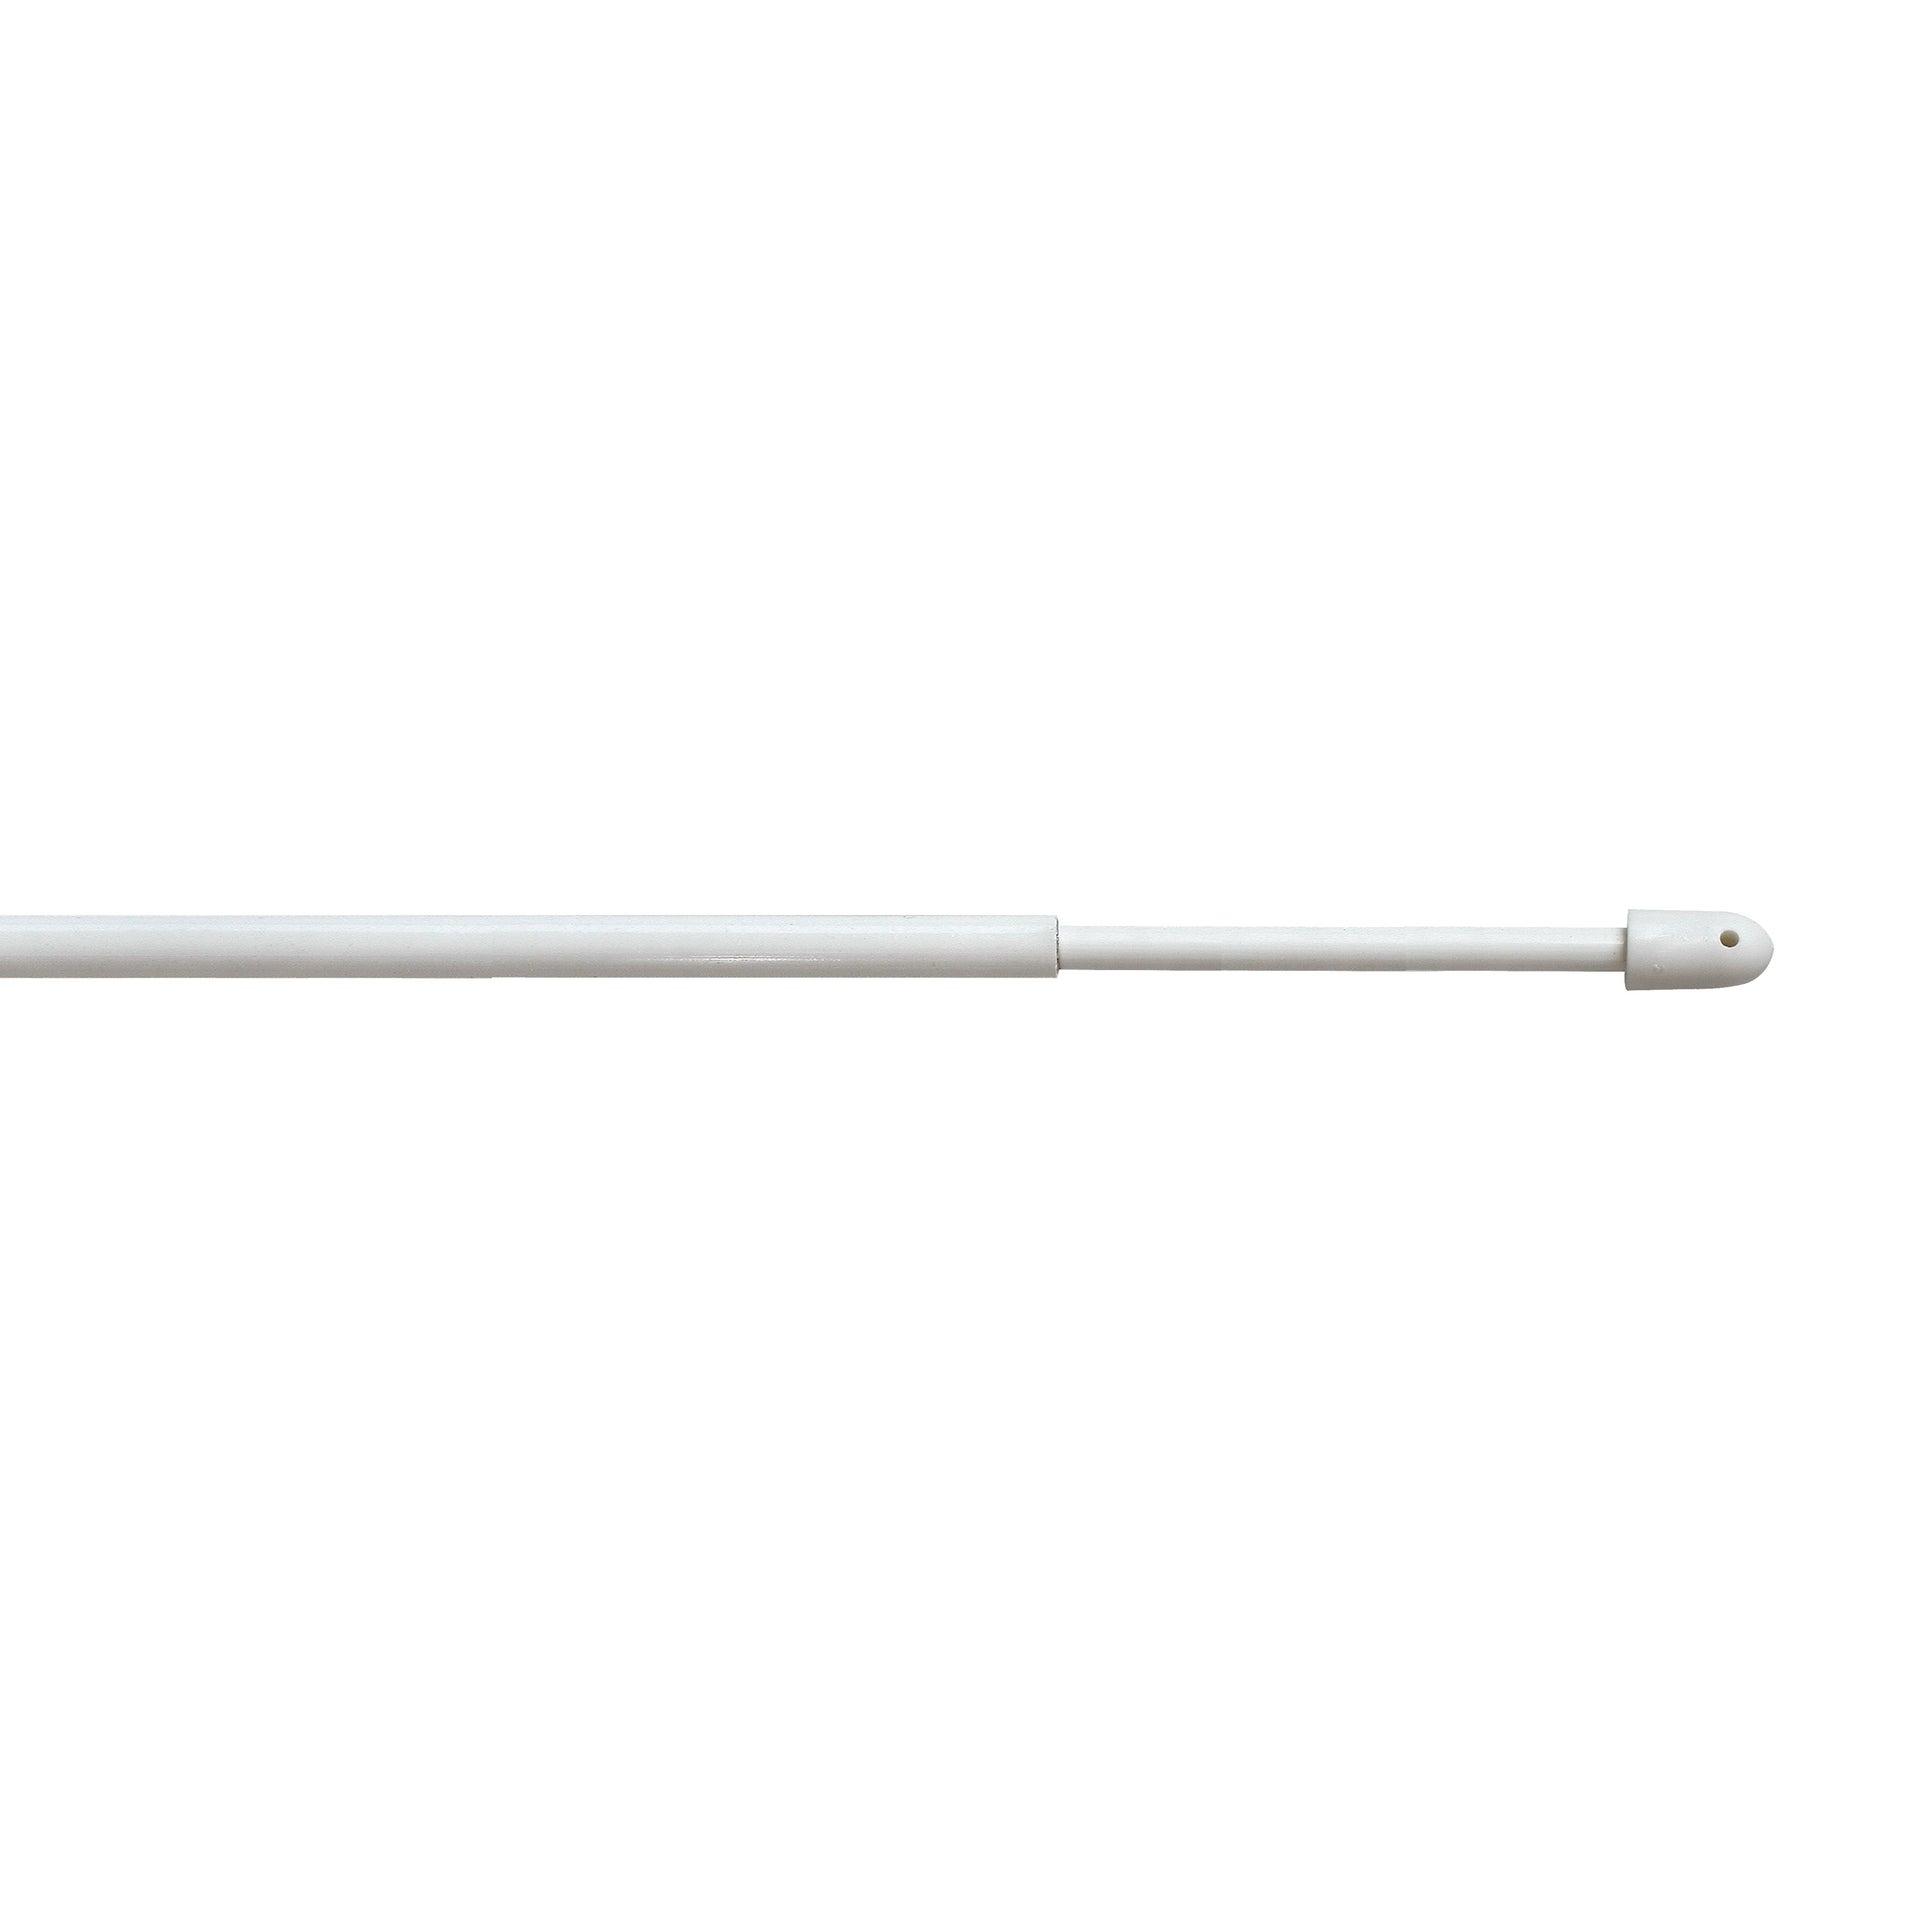 Bacchetta per tenda bianco Ø 8 mm 60-80 cm